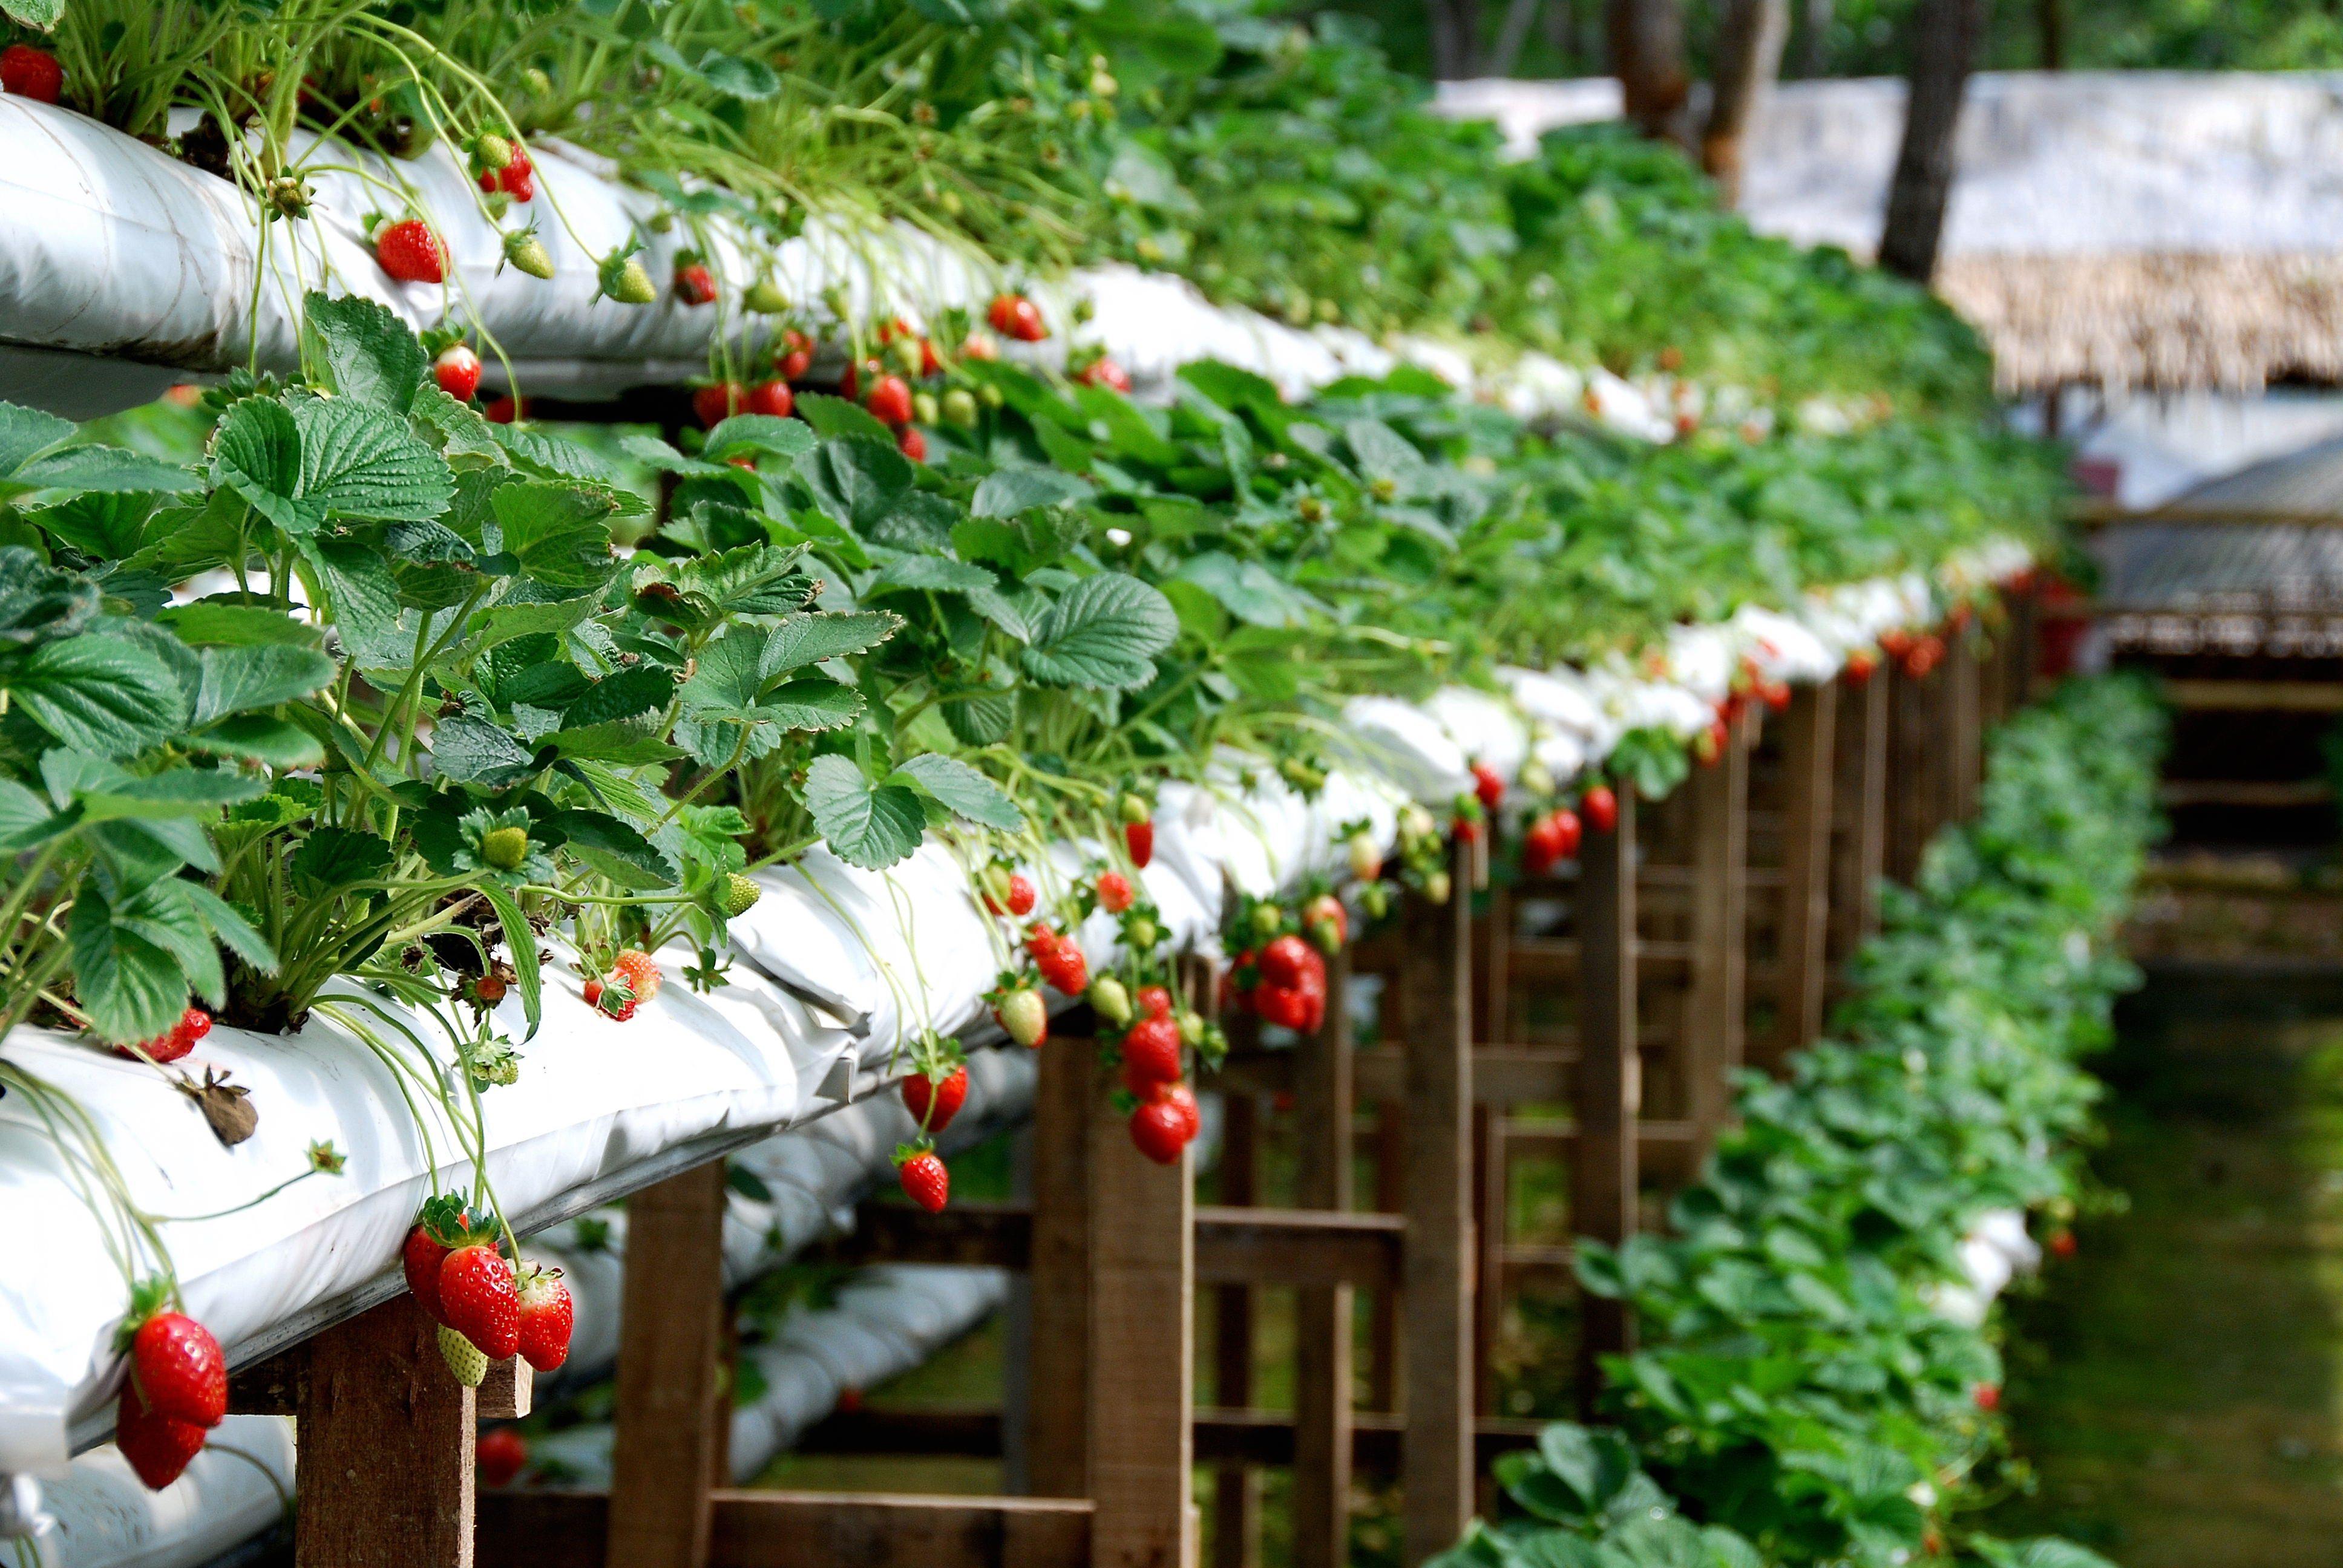 أفضل 7 أنشطة في مزارع الفراولة جنتنج ماليزيا